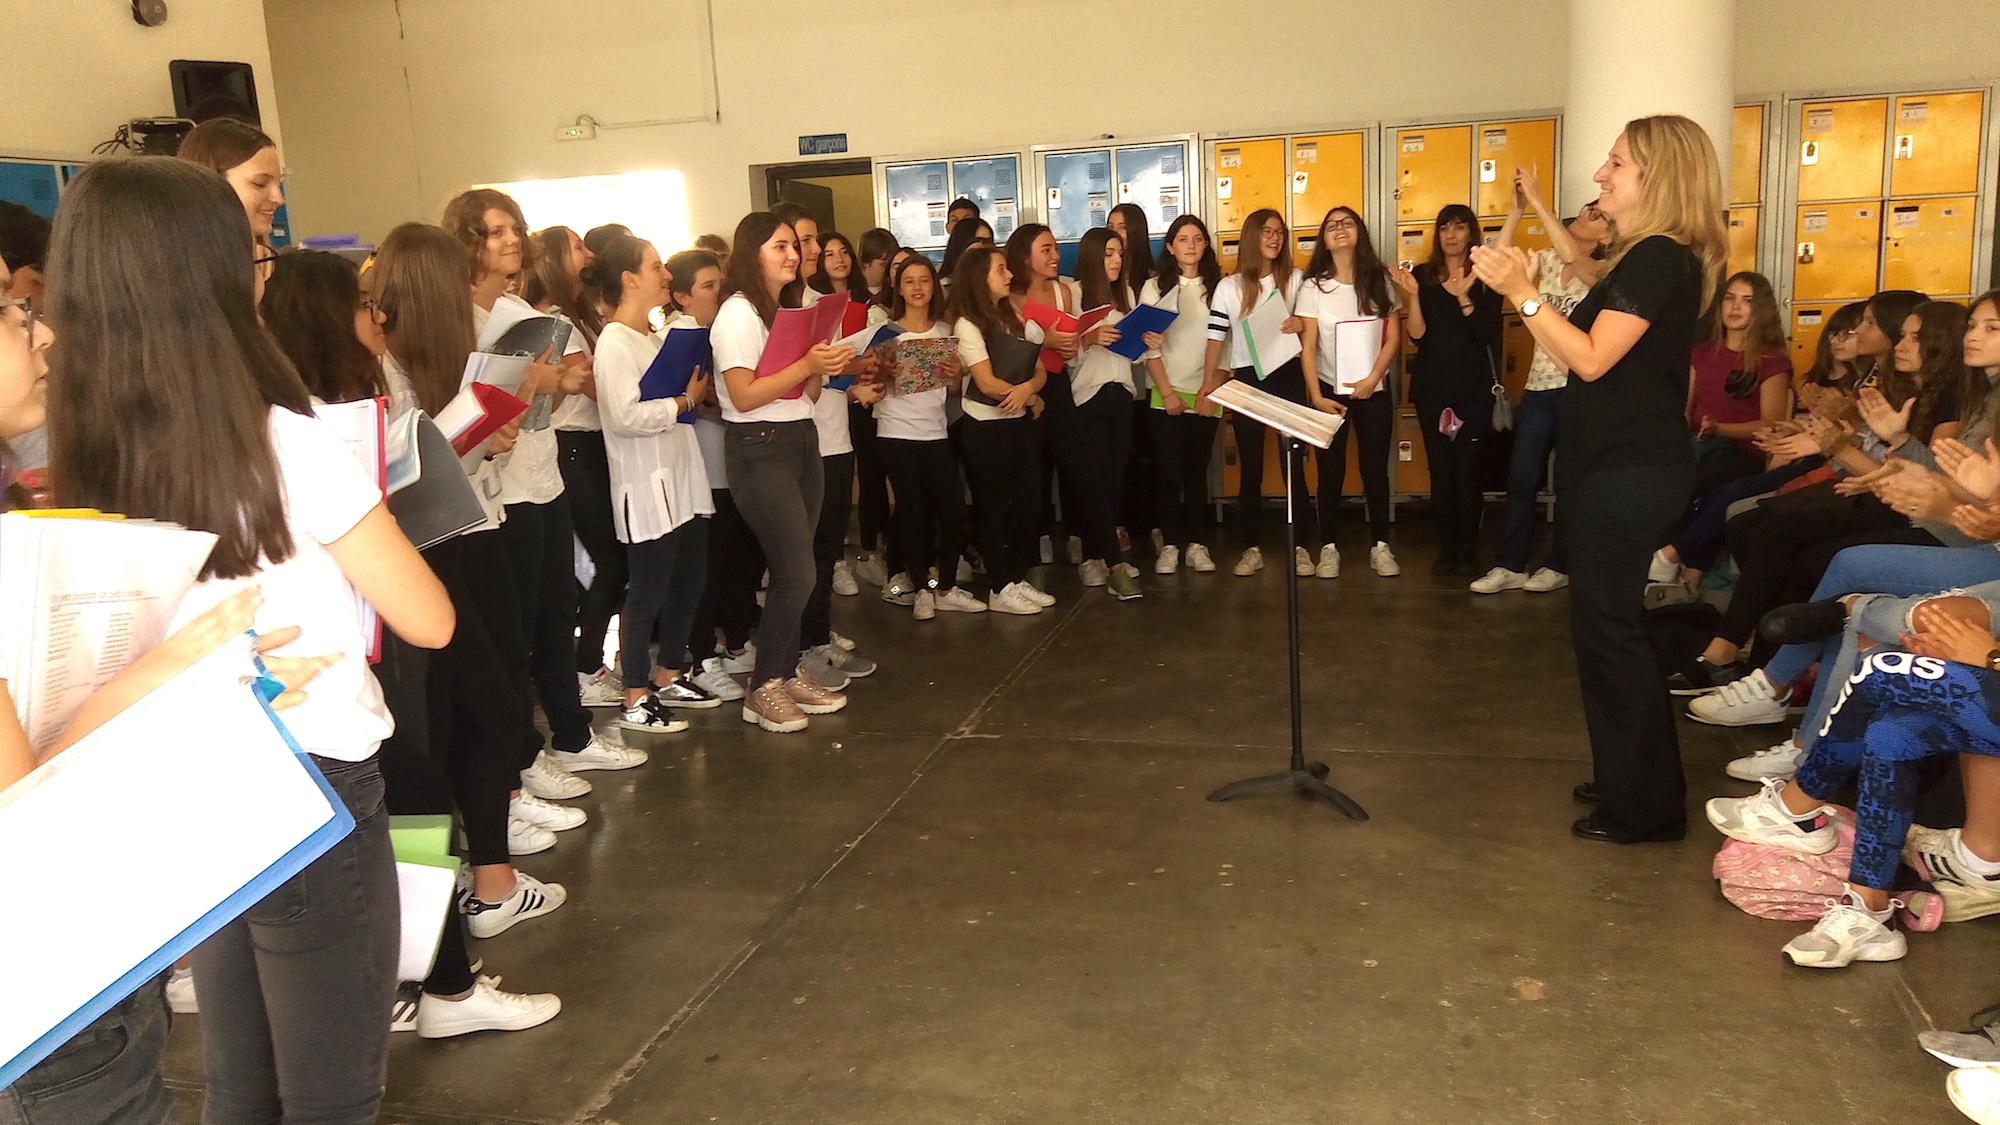 Collégiens de L'Ile-Rousse : La fin de l'année scolaire en chantant